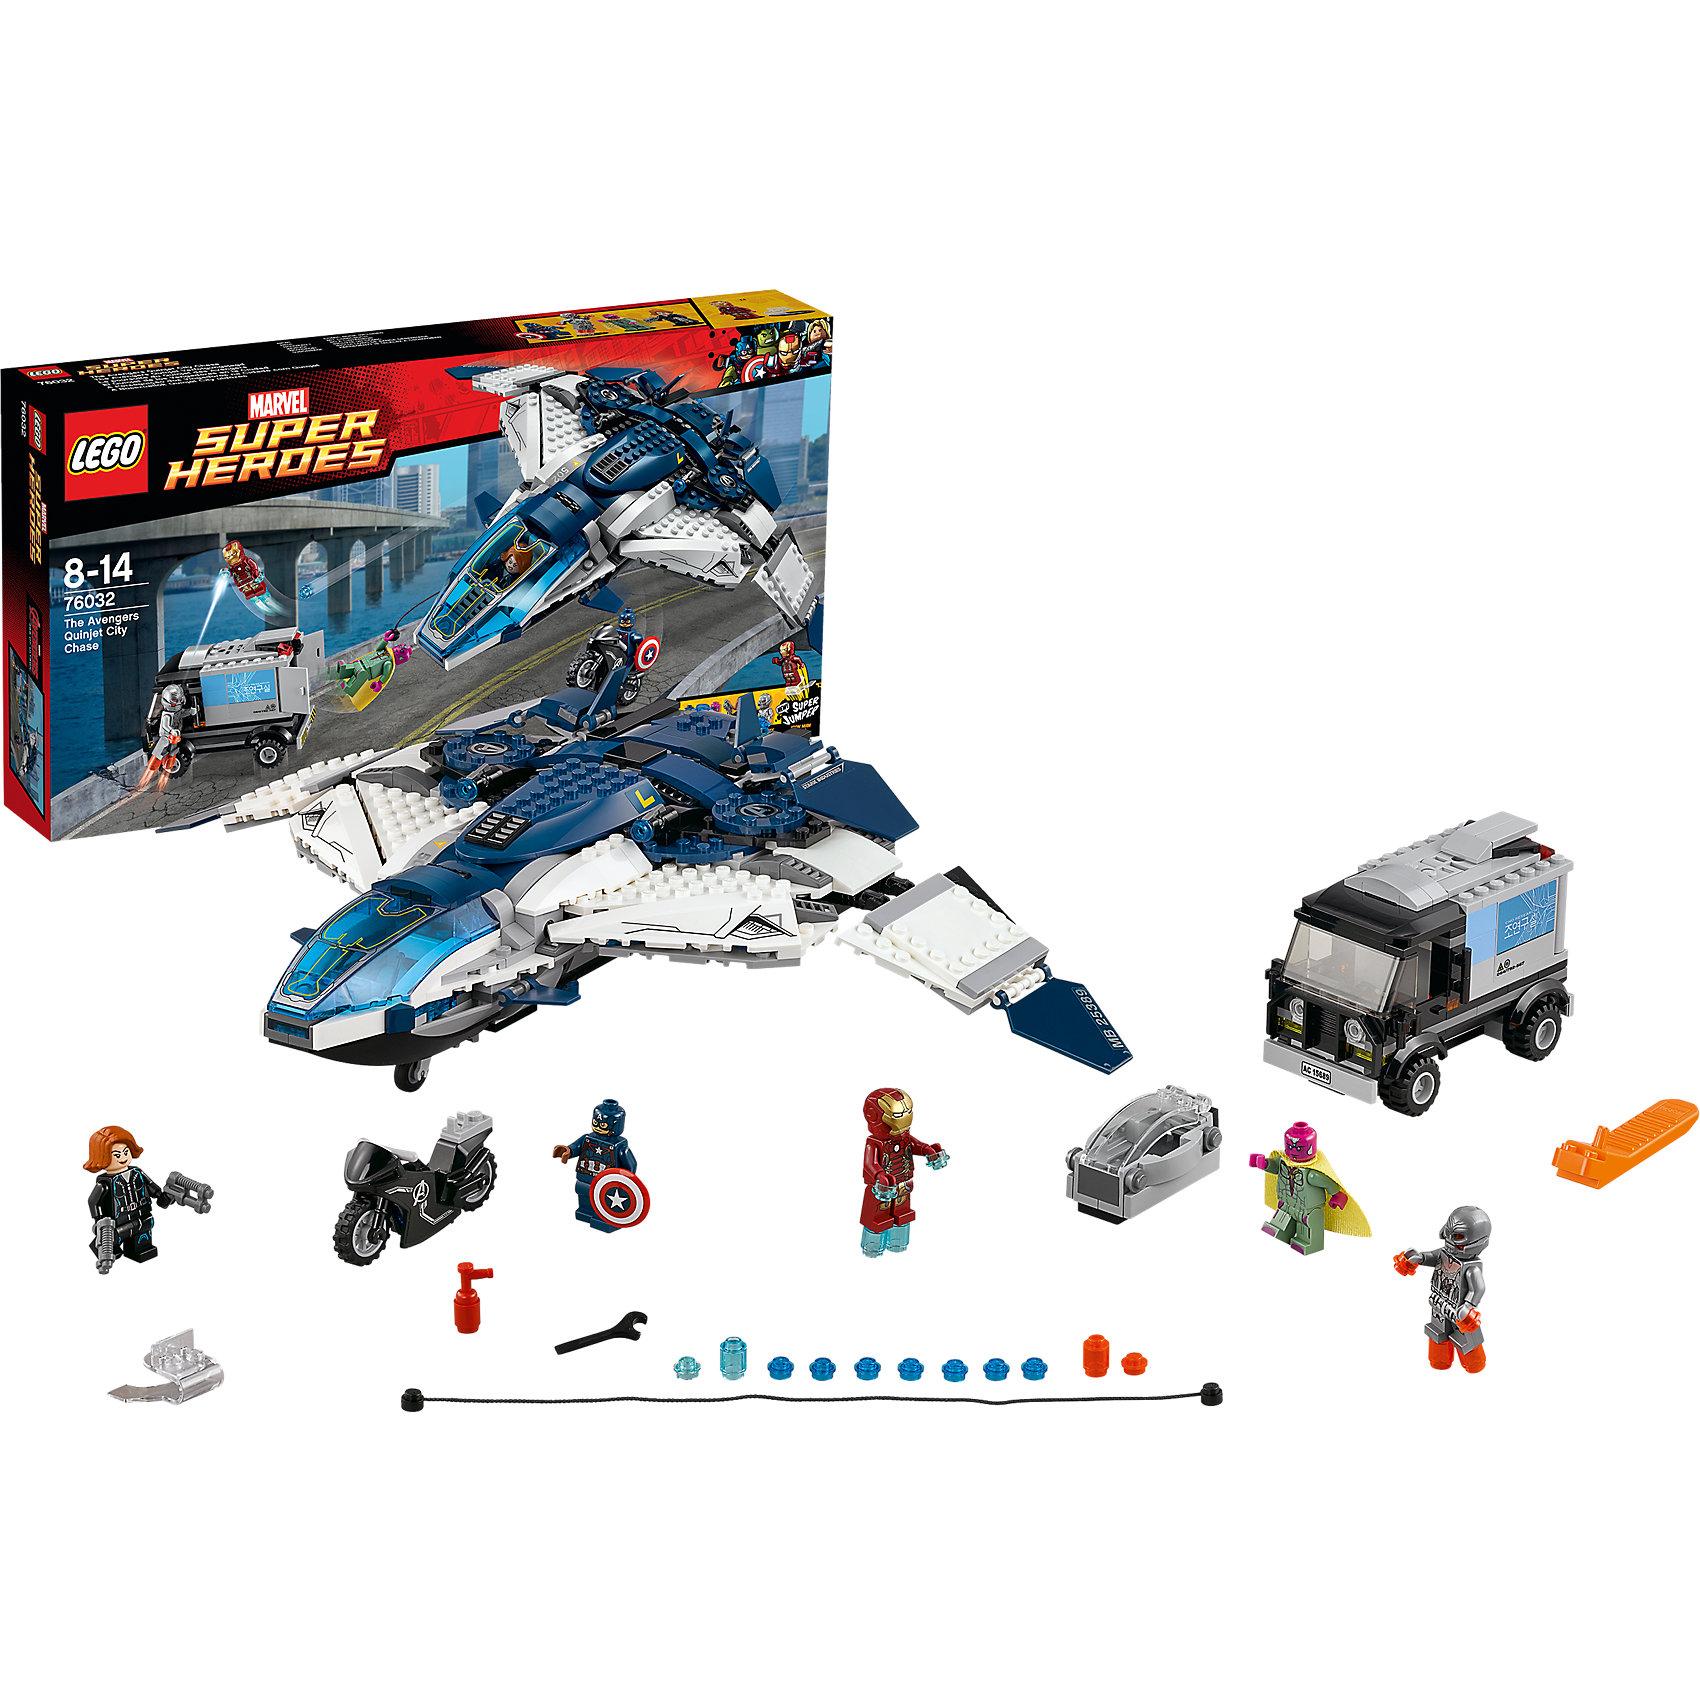 LEGO LEGO Super Heroes 76032: Погоня на Квинджете Мстителей lego lego super heroes воздушная погоня капитана америка